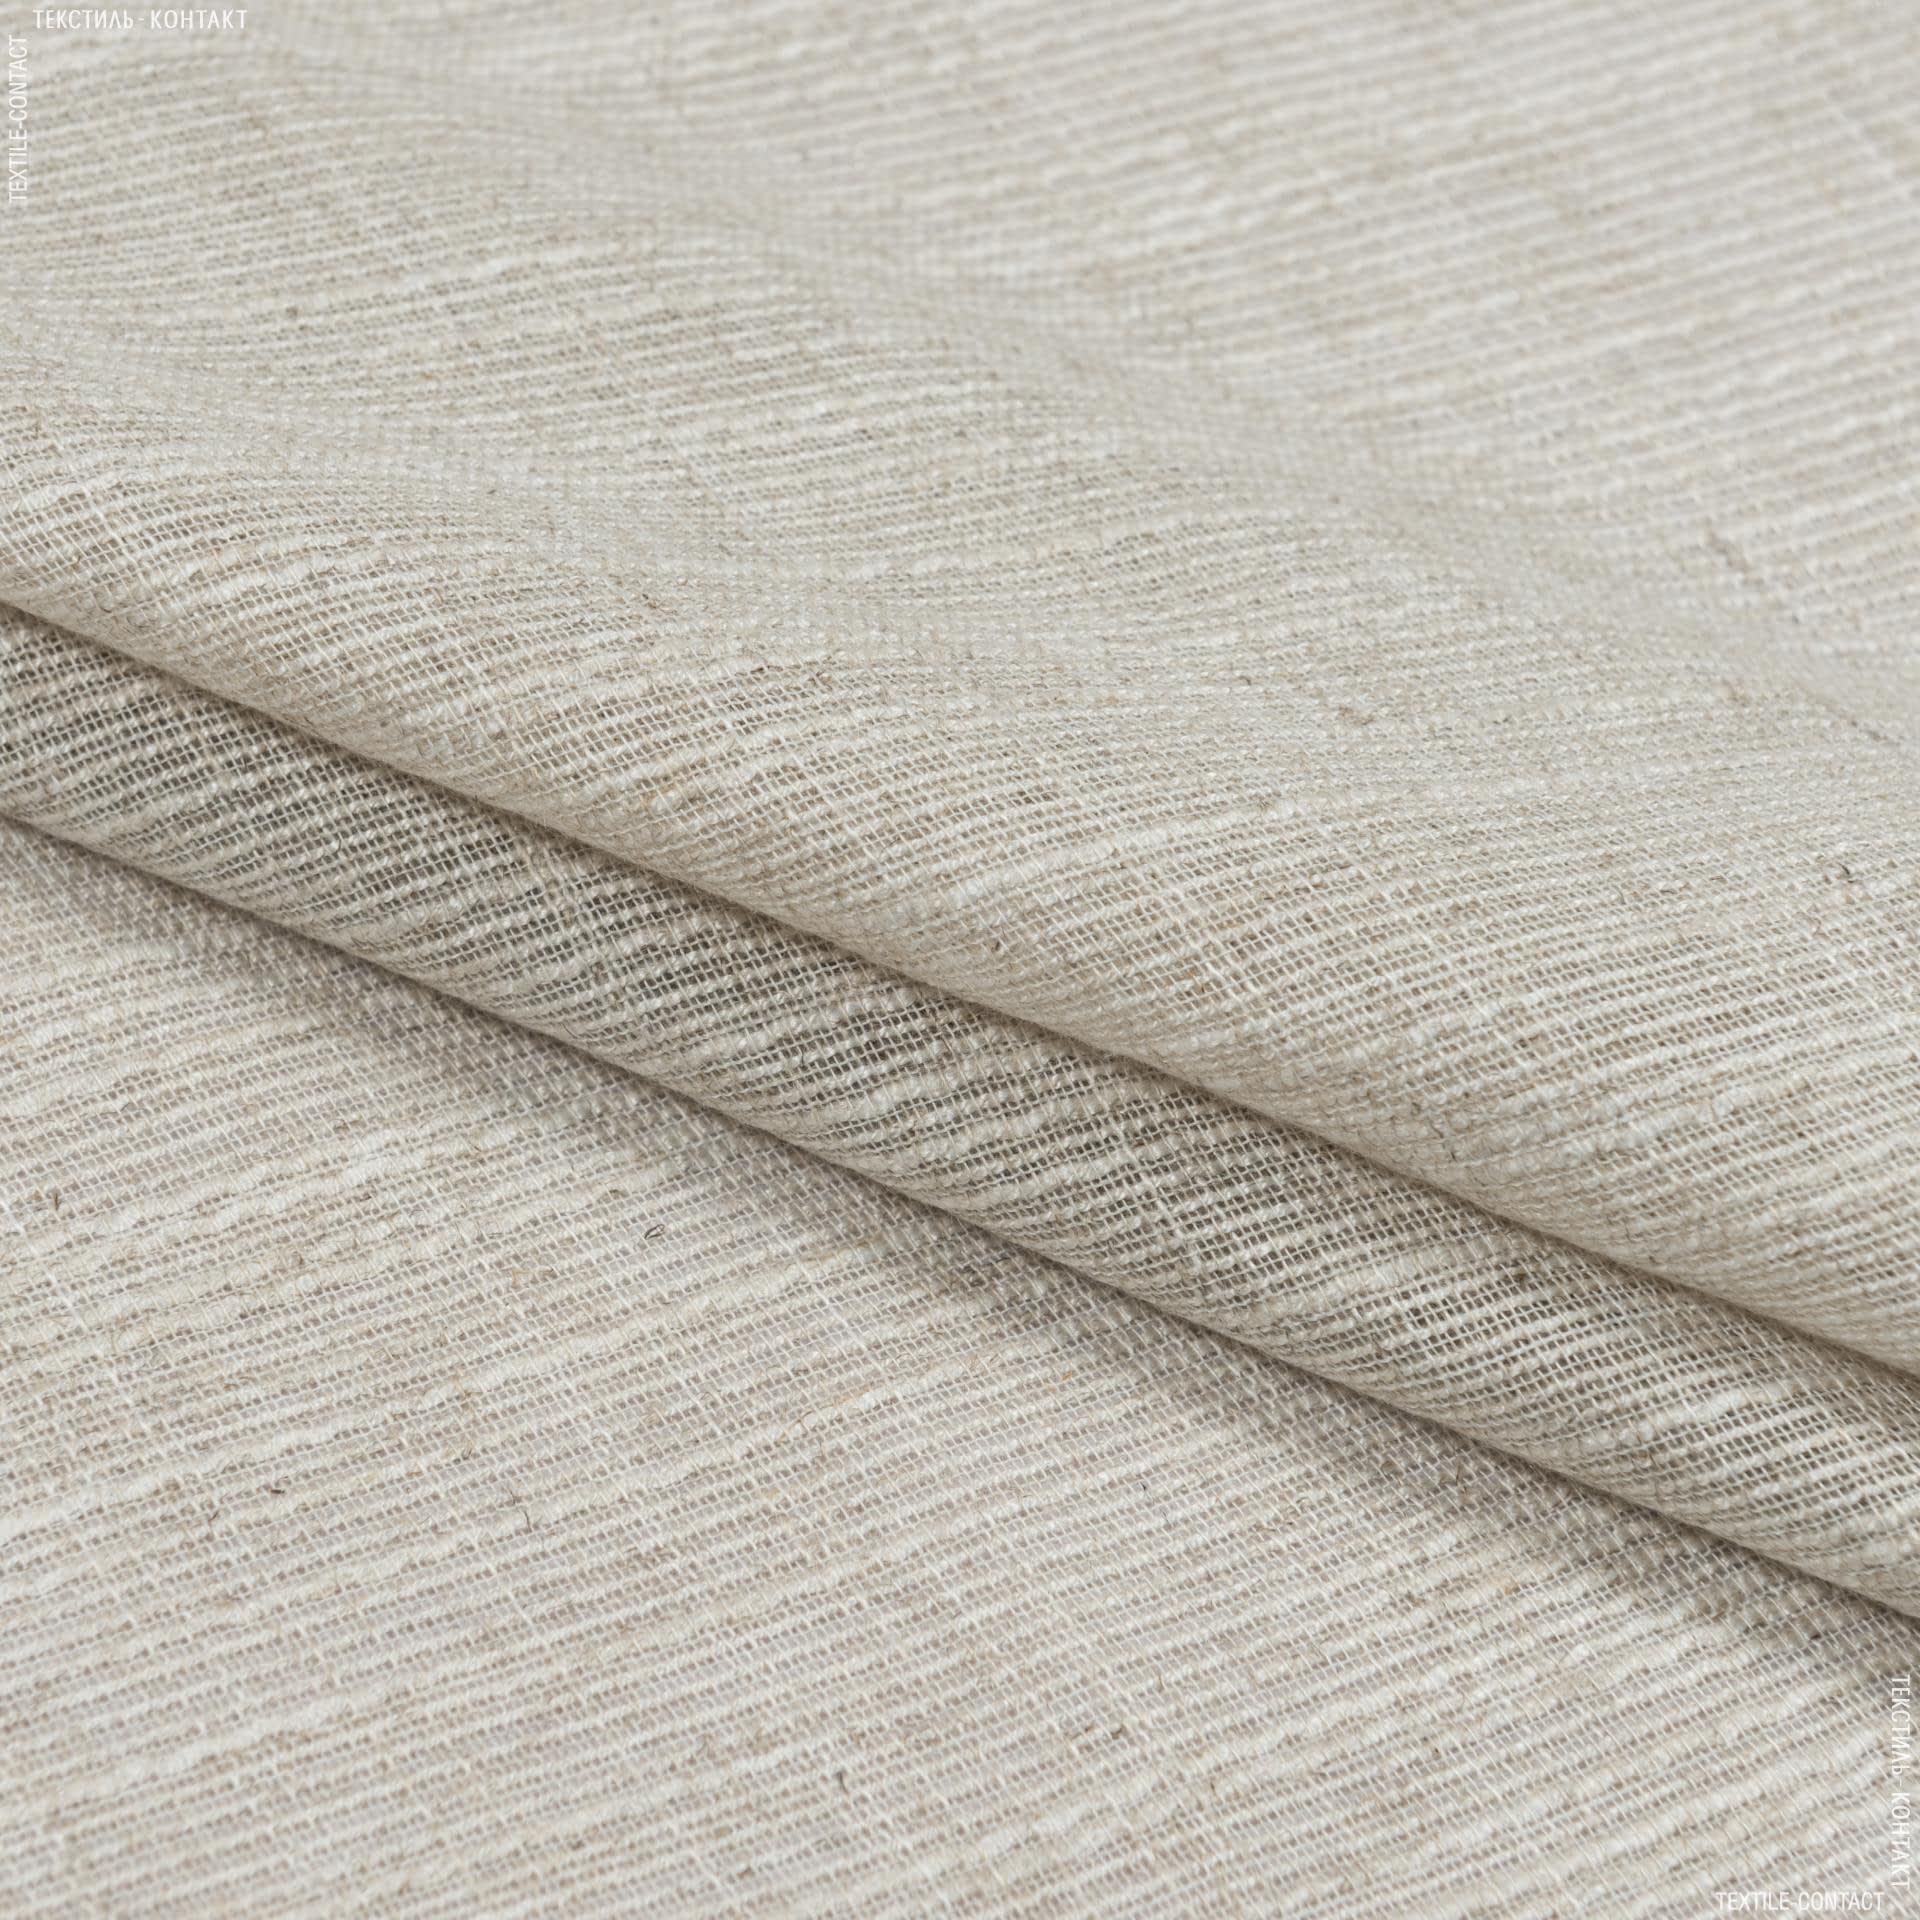 Ткани для тюли - Тюль   рогожка грау /grau /беж